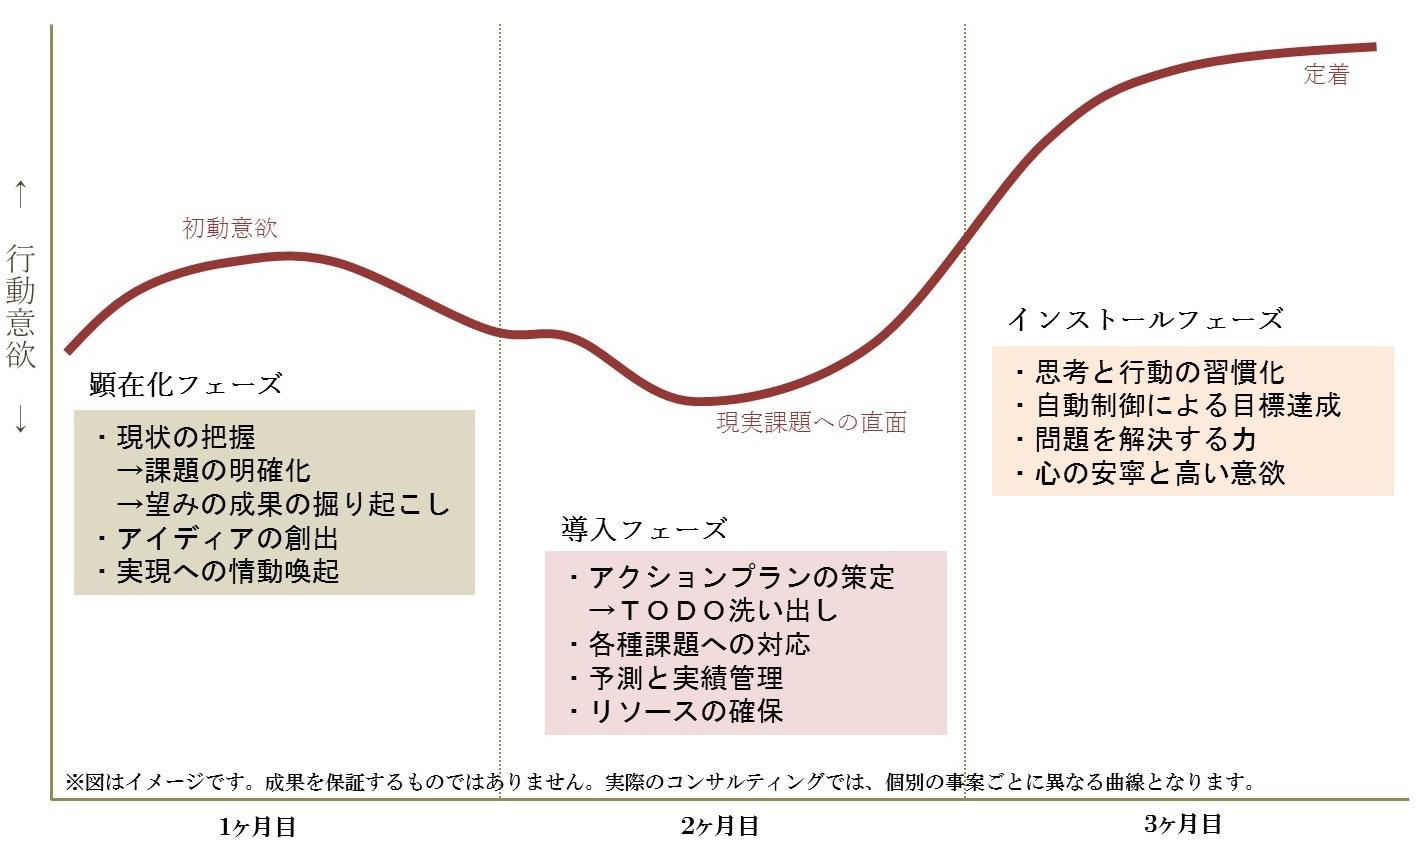 意欲の変動パターン